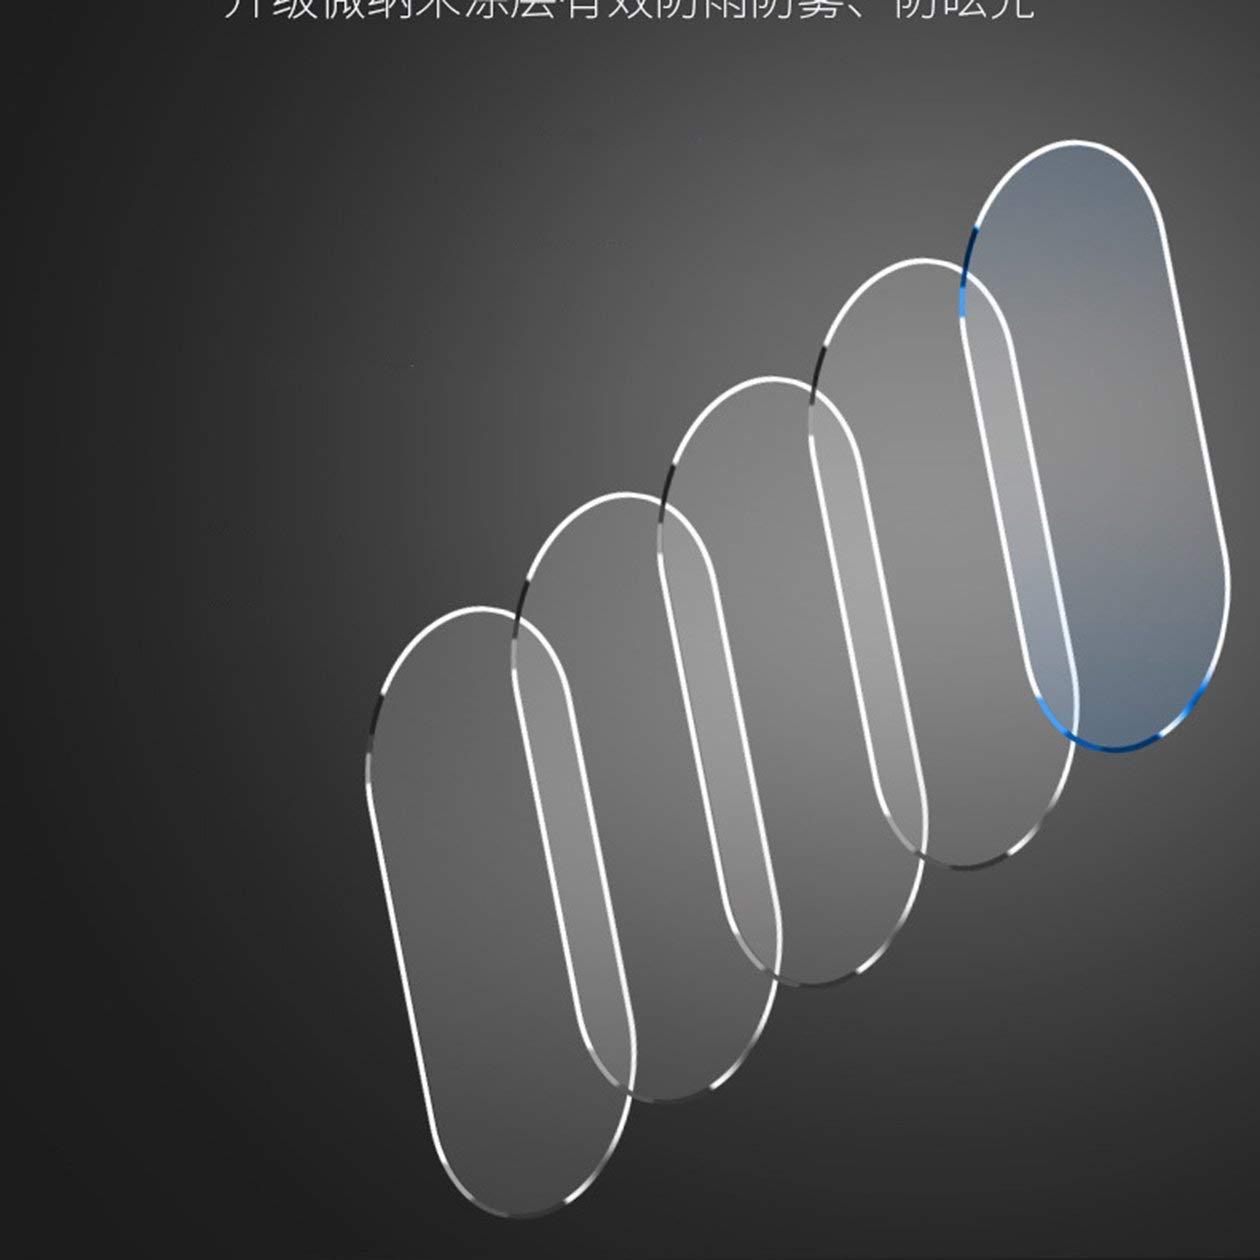 colore: trasparente Specchietto retrovisore auto Pellicola protettiva Pellicola antinebbia Trasparente antipioggia Specchietto retrovisore Pellicola protettiva Pellicola Accessori auto